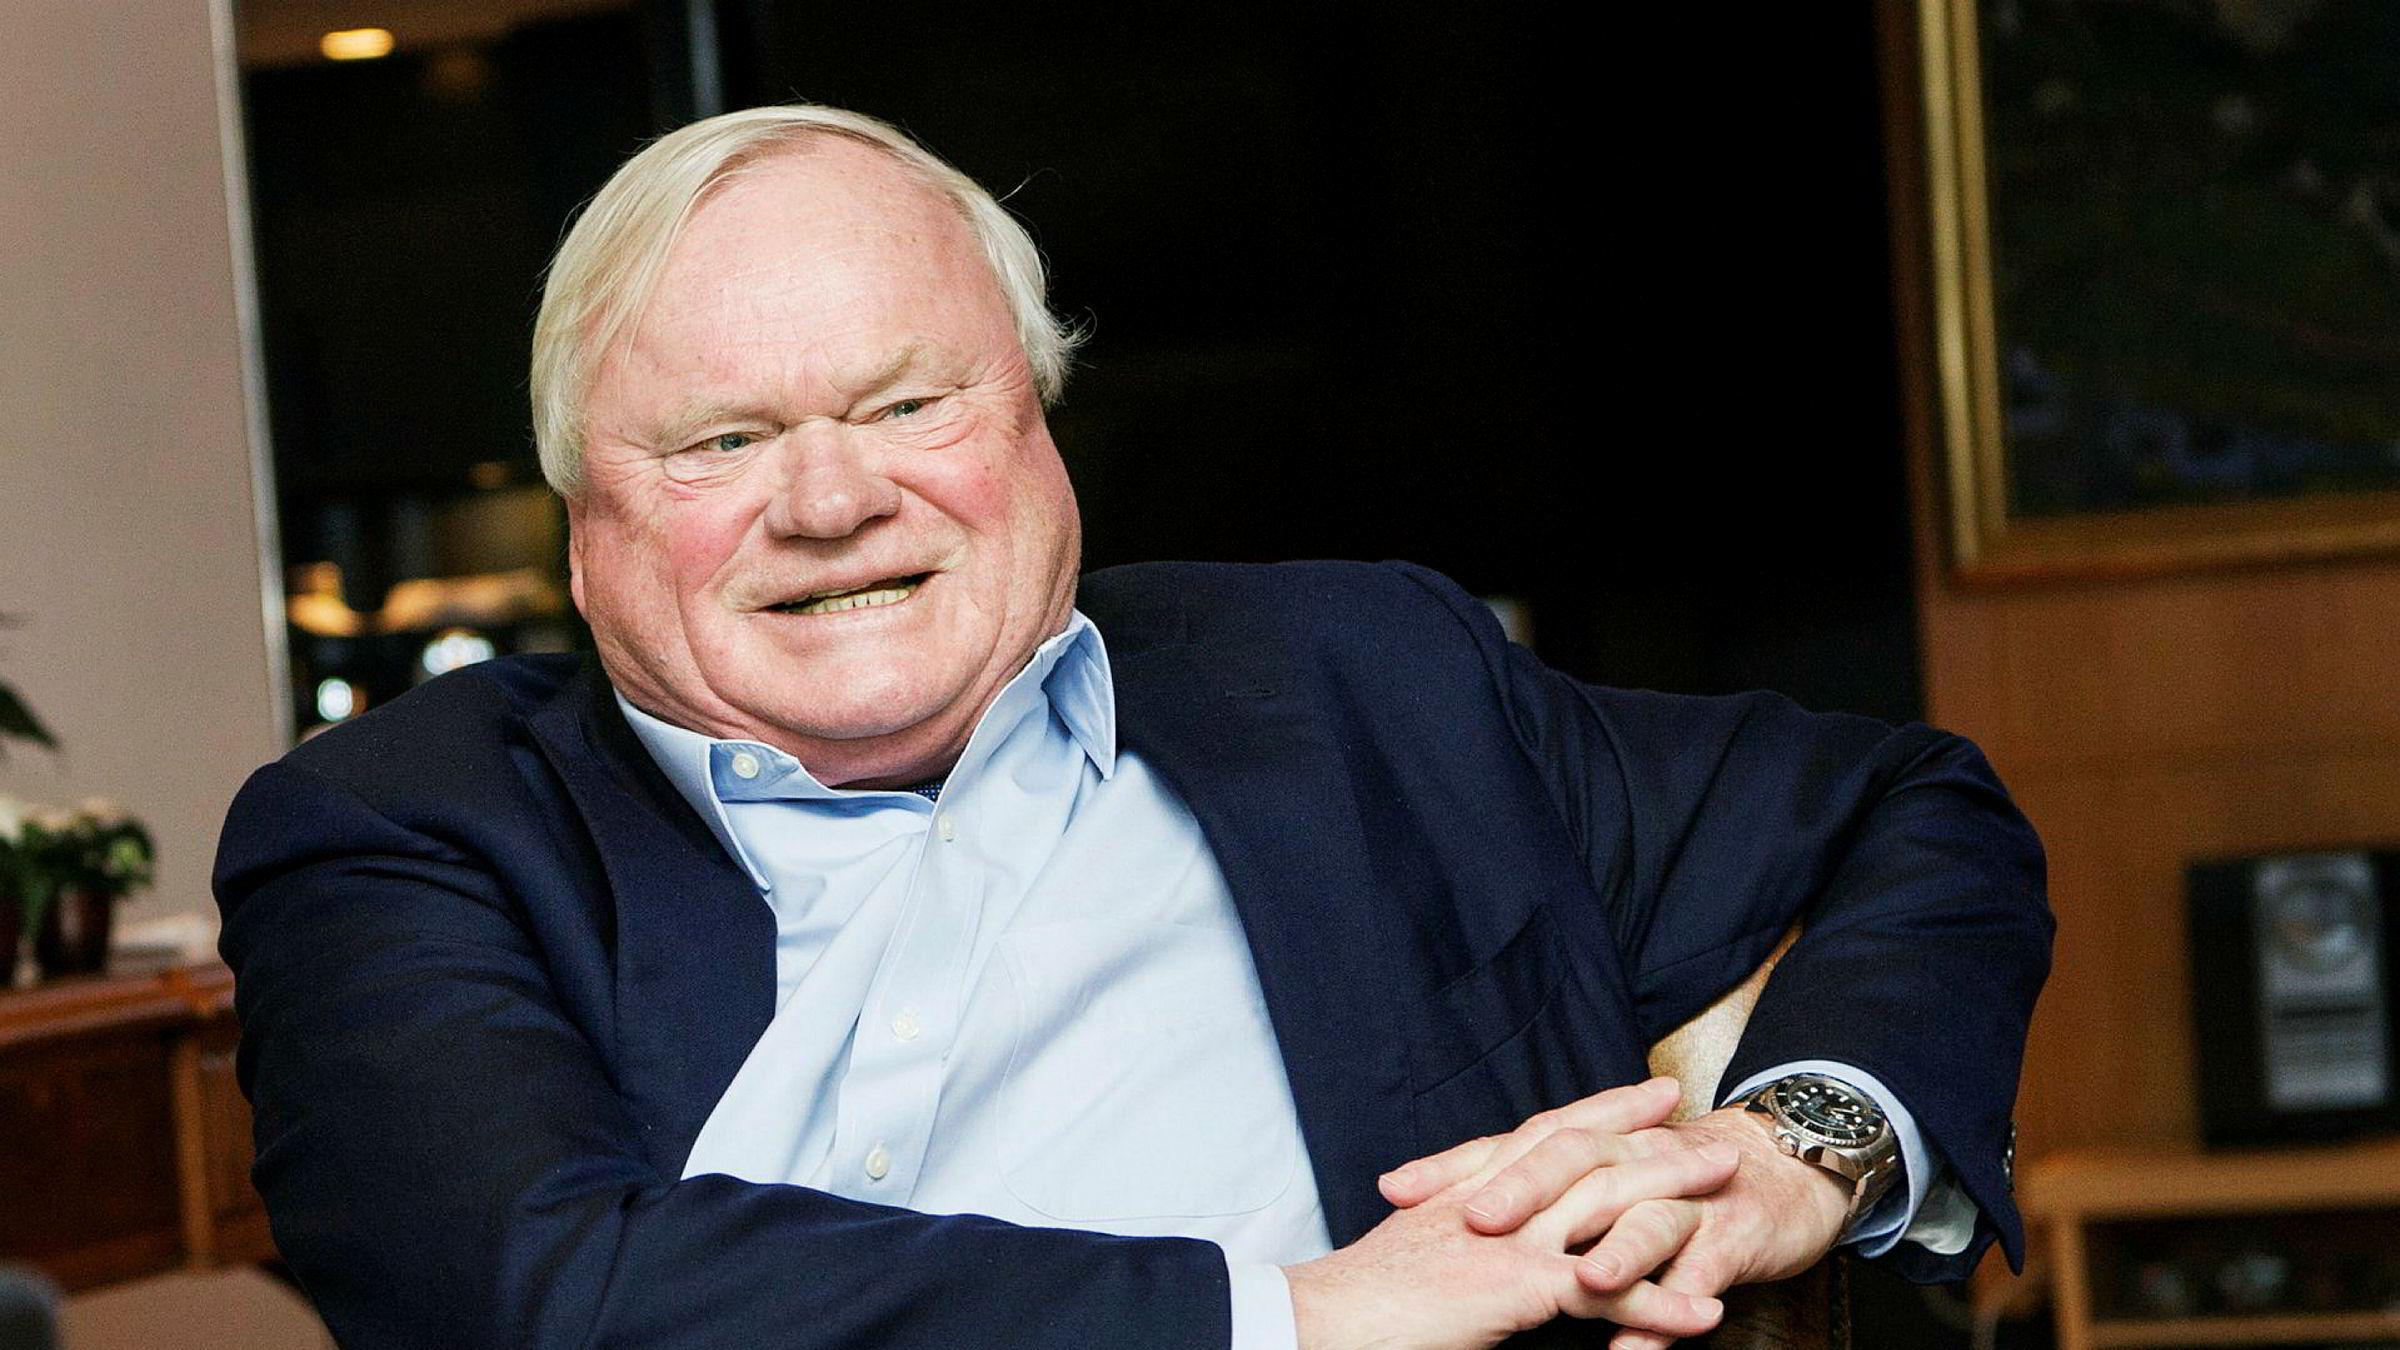 John Fredriksen satser 93 millioner kroner på nylig børsnoterte Fjordkraft.